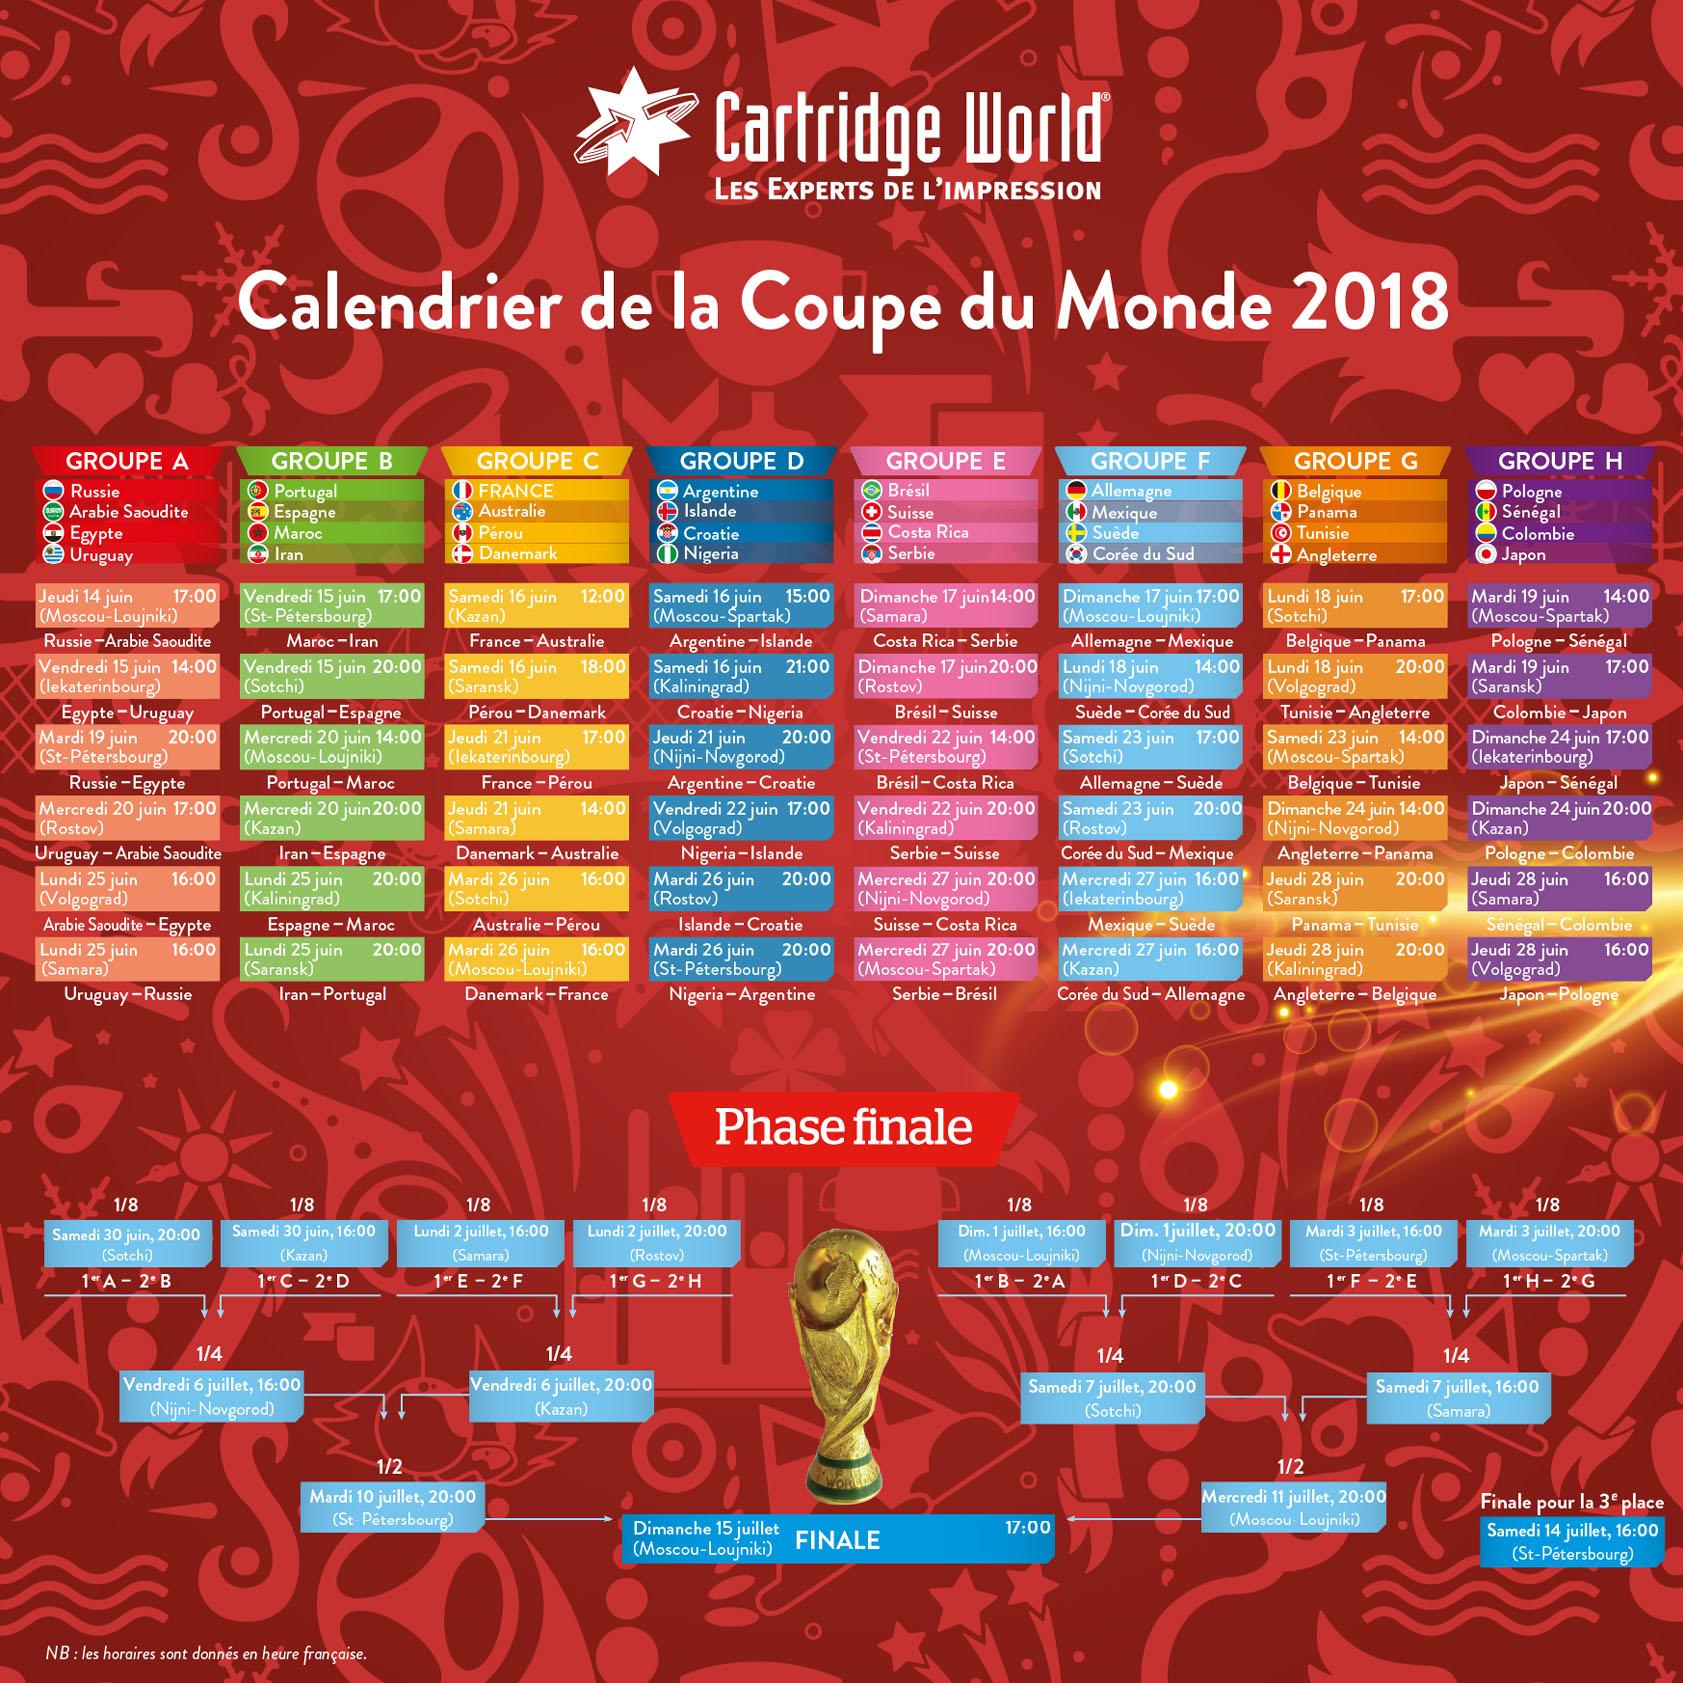 Calendrier_Coupe du Monde 2018